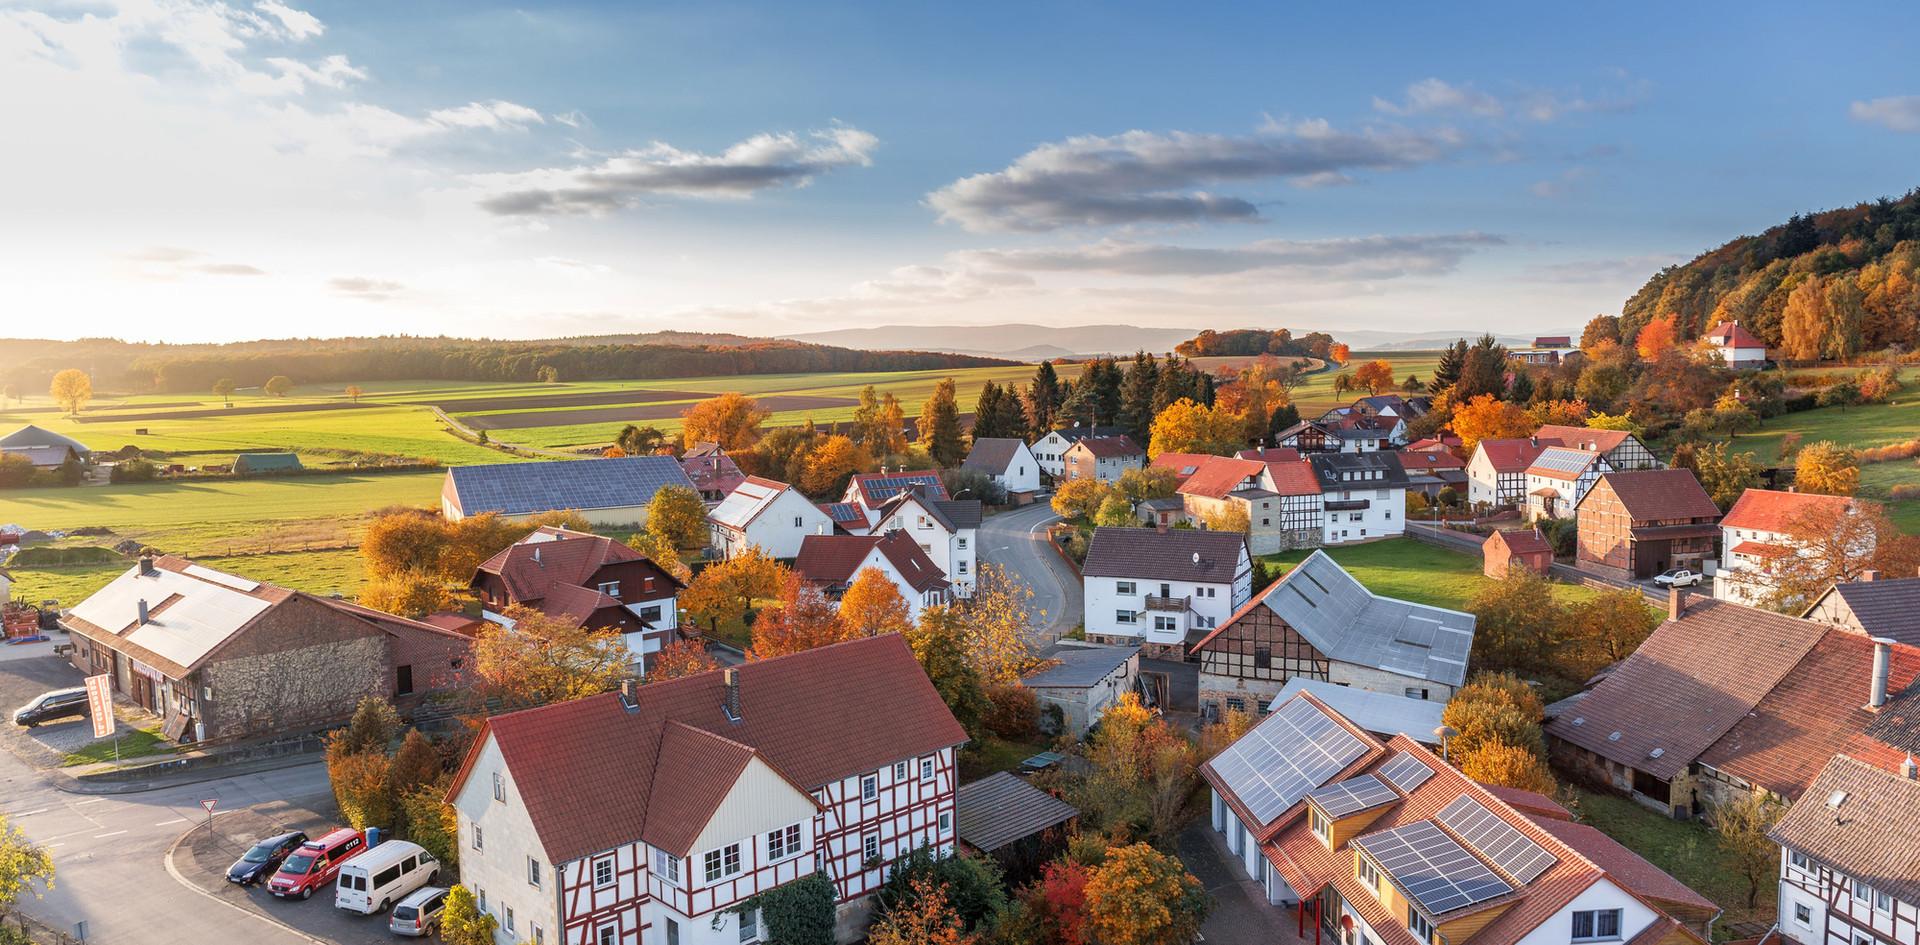 Rural Village